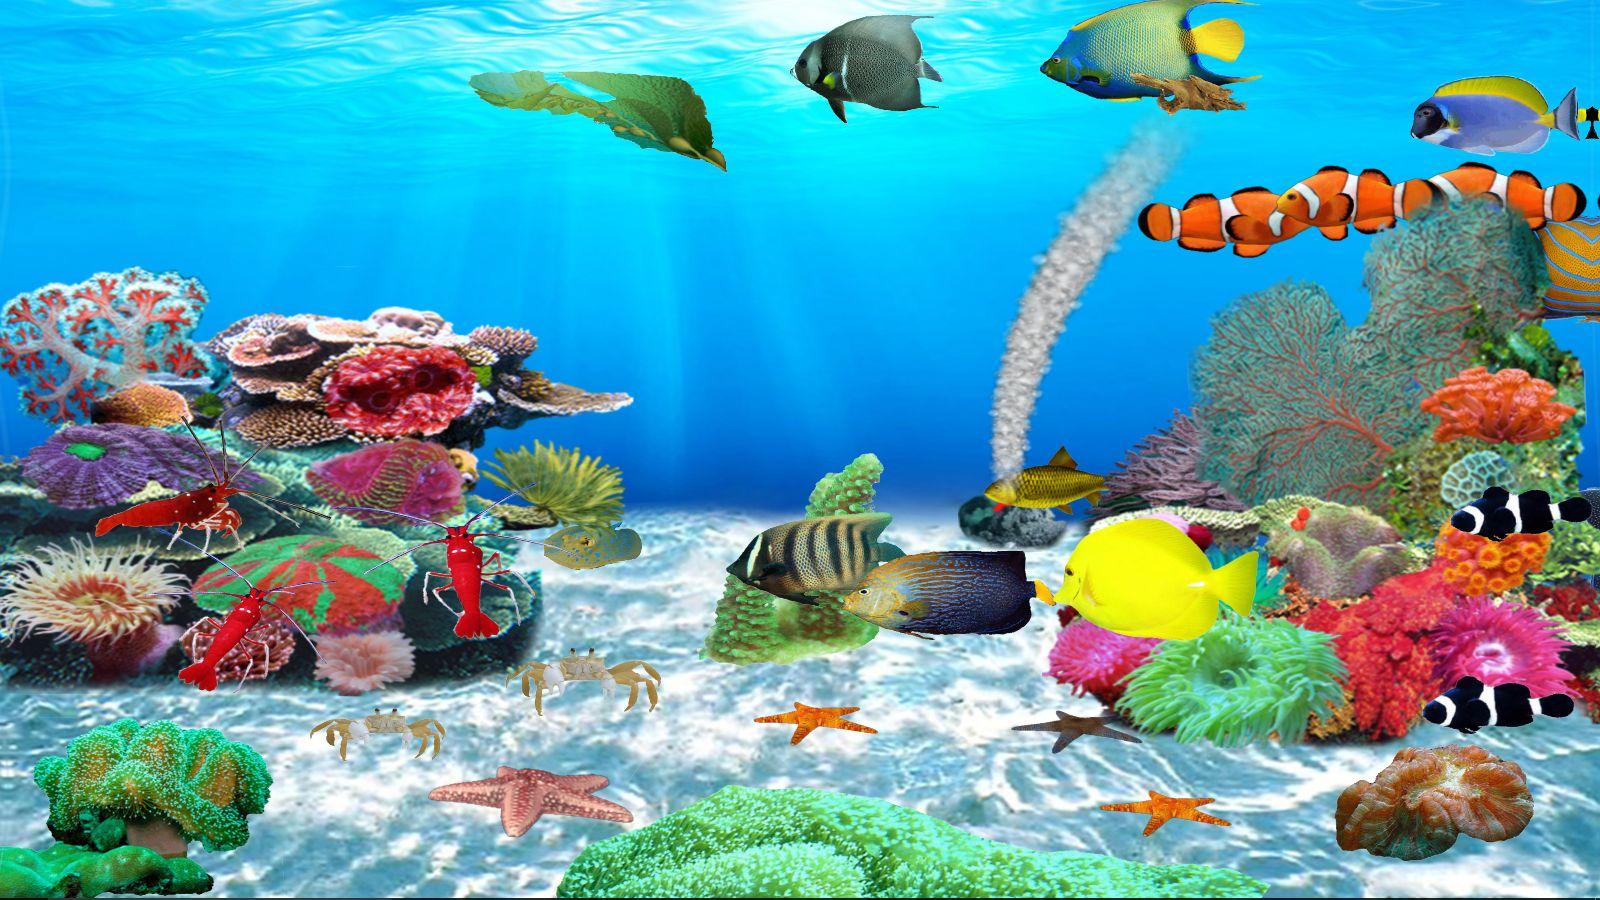 joyaux-de-la-mer-rouge-telechargement